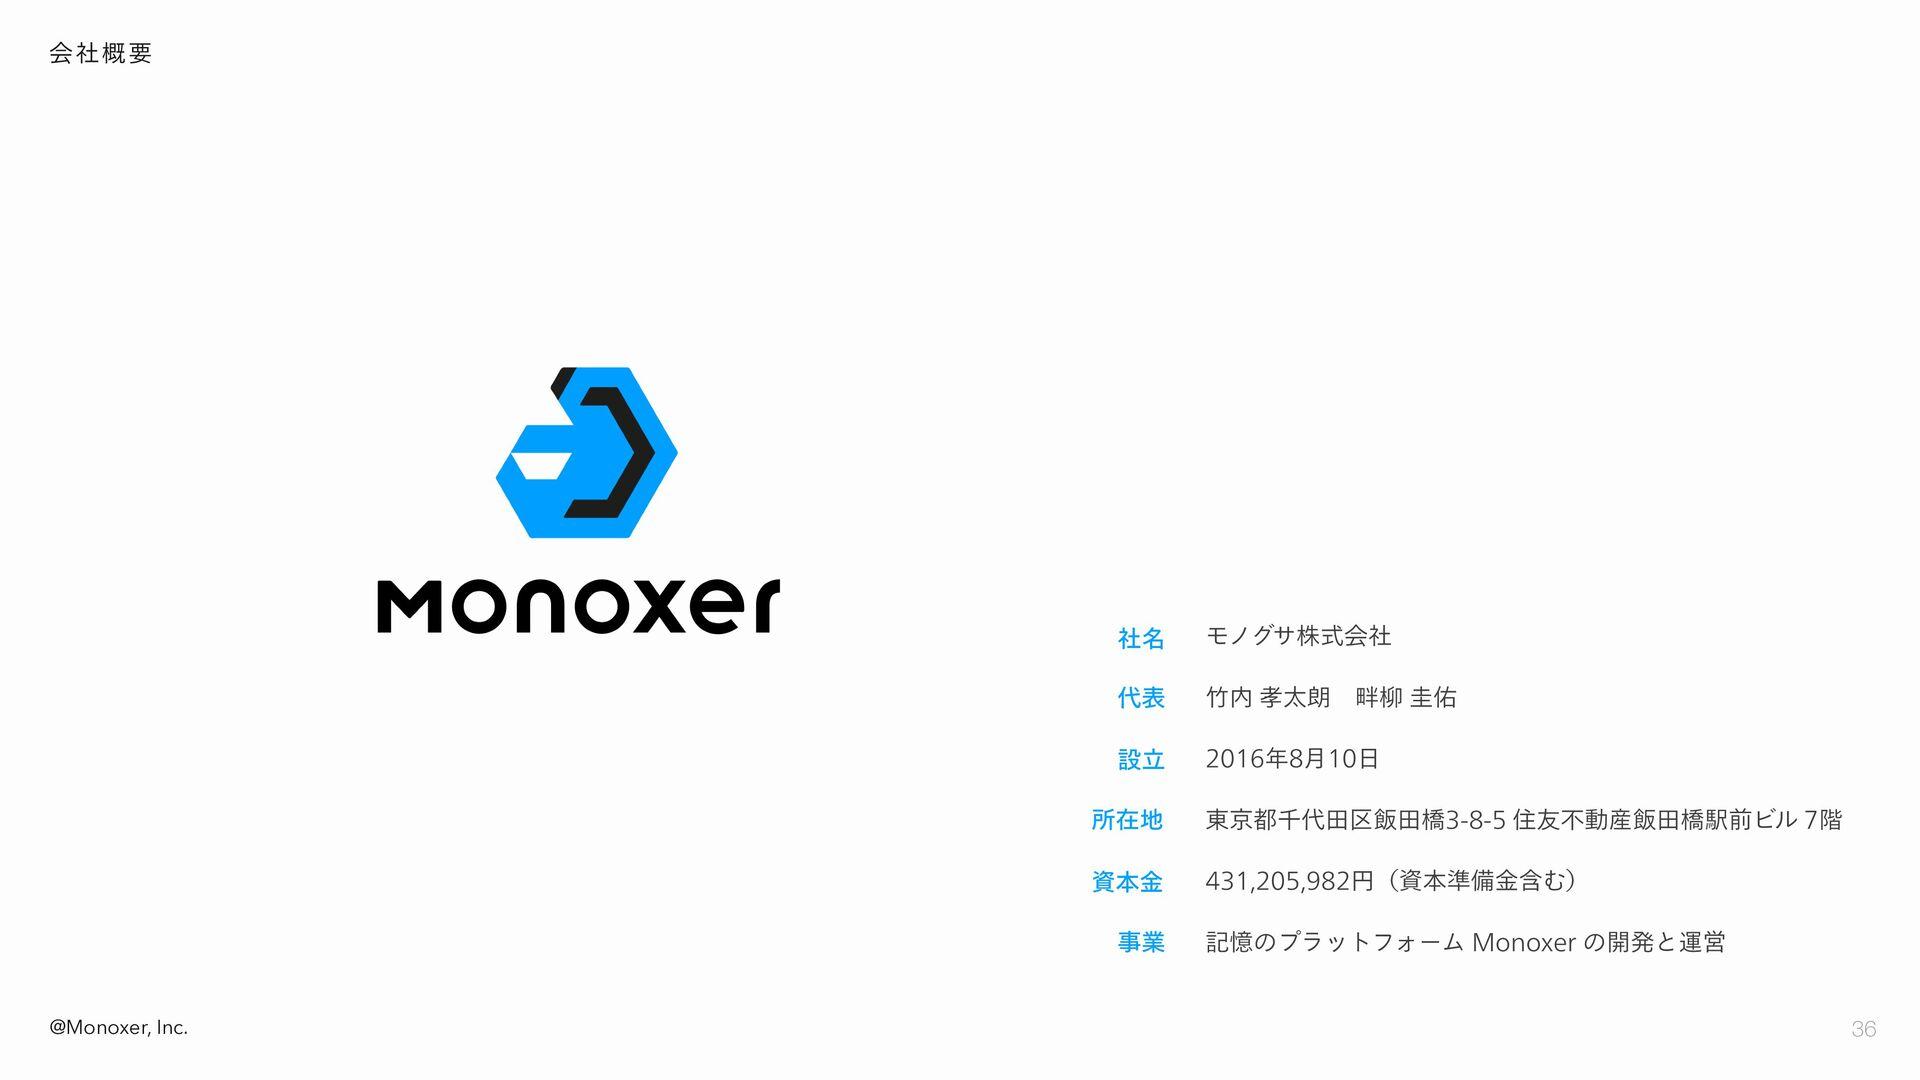 ืूཁ߲ɺબߟ Career